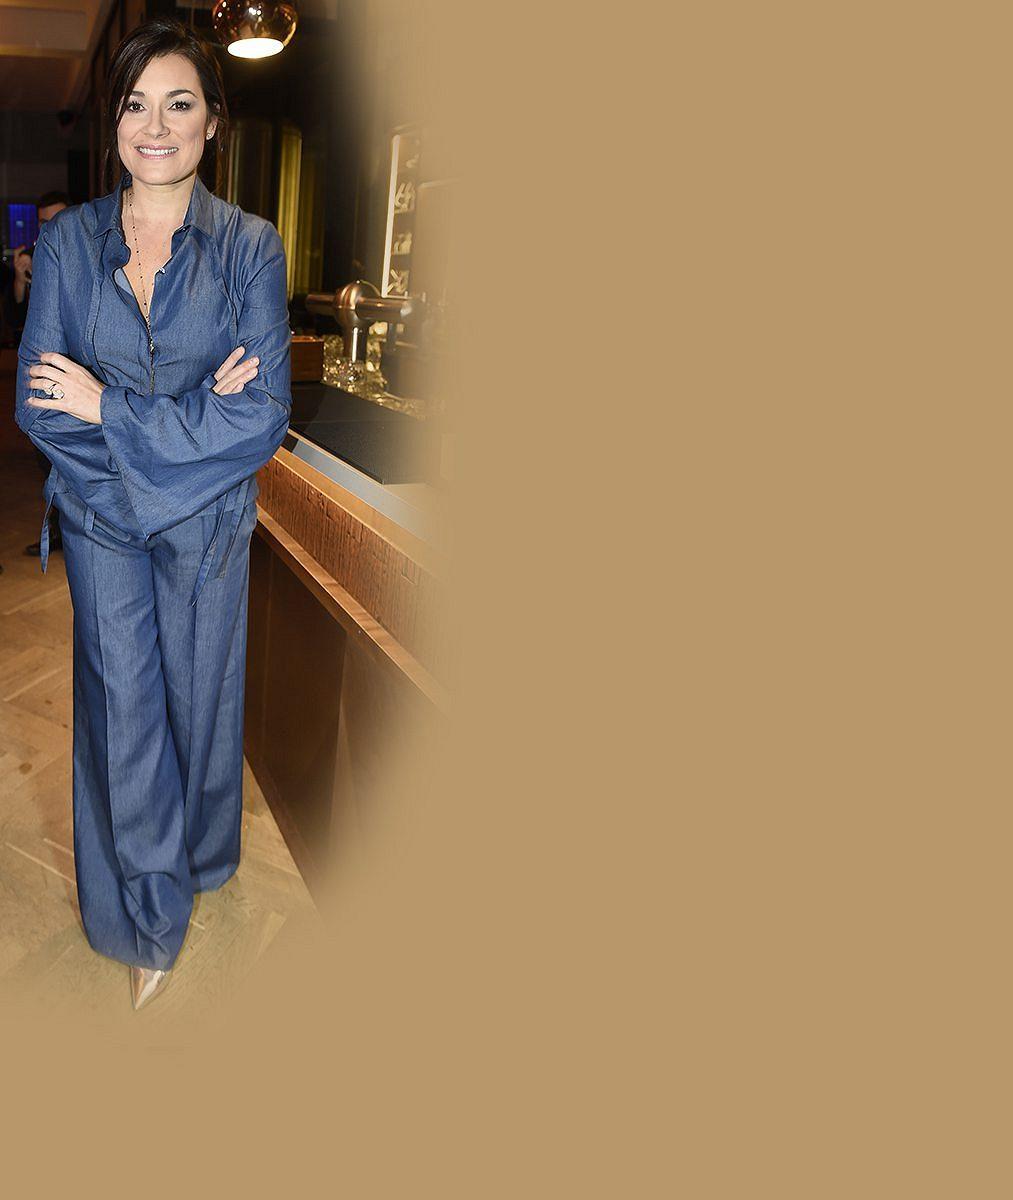 Postavičku má stále výstavní: Takhle Alena Šeredová provokuje nahoře bez na dovolené